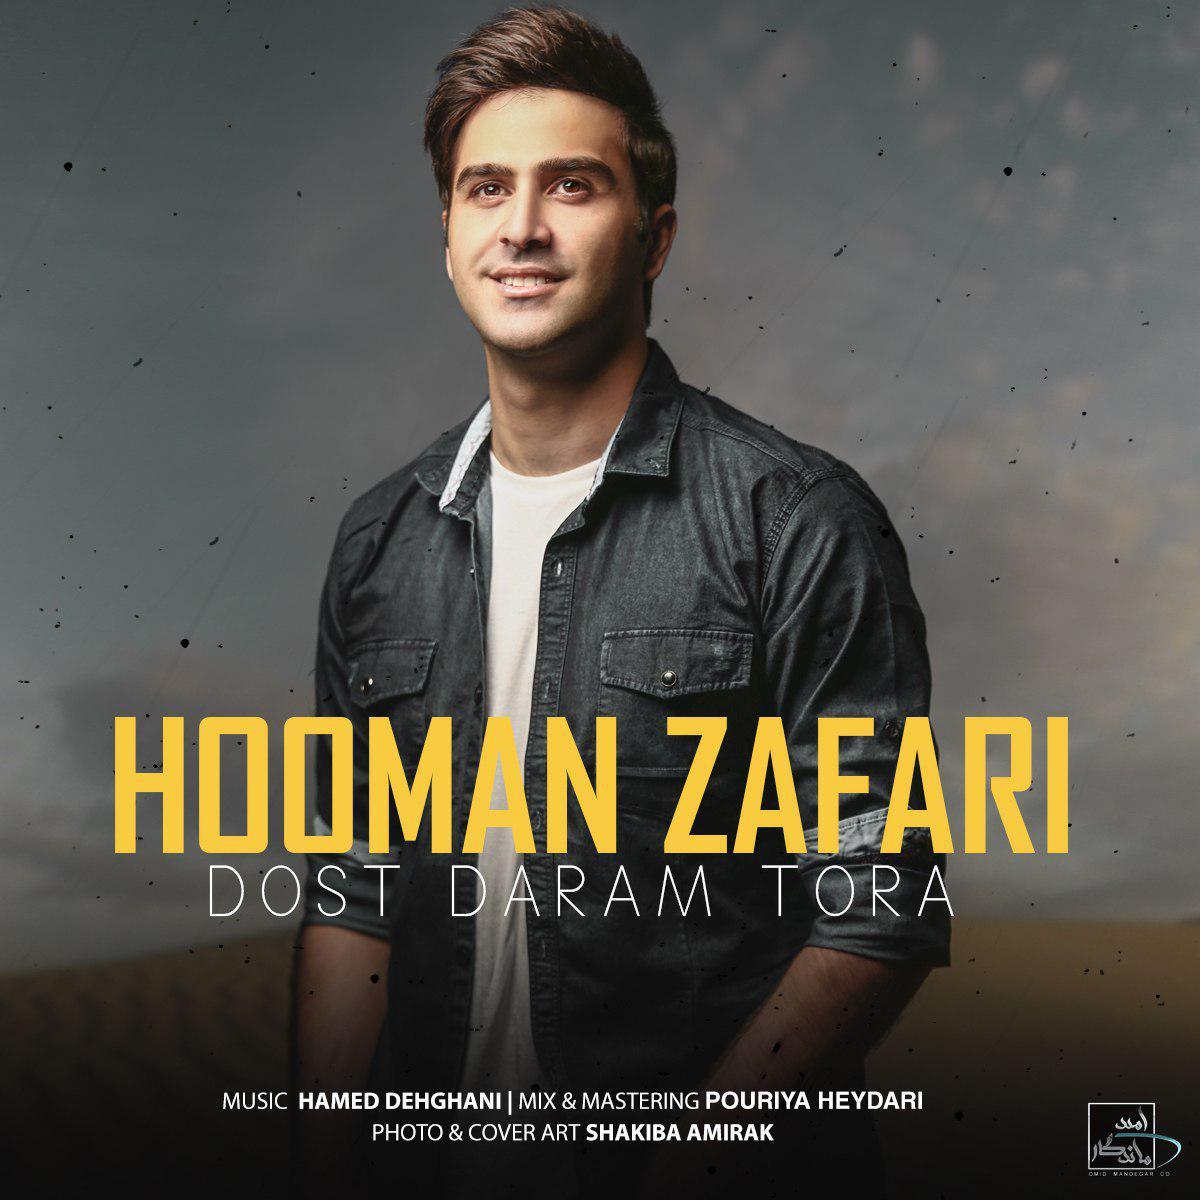 Hooman Zafari - Doost Daram Tora Music | آهنگ هومن ظفری - دوست دارم تورا